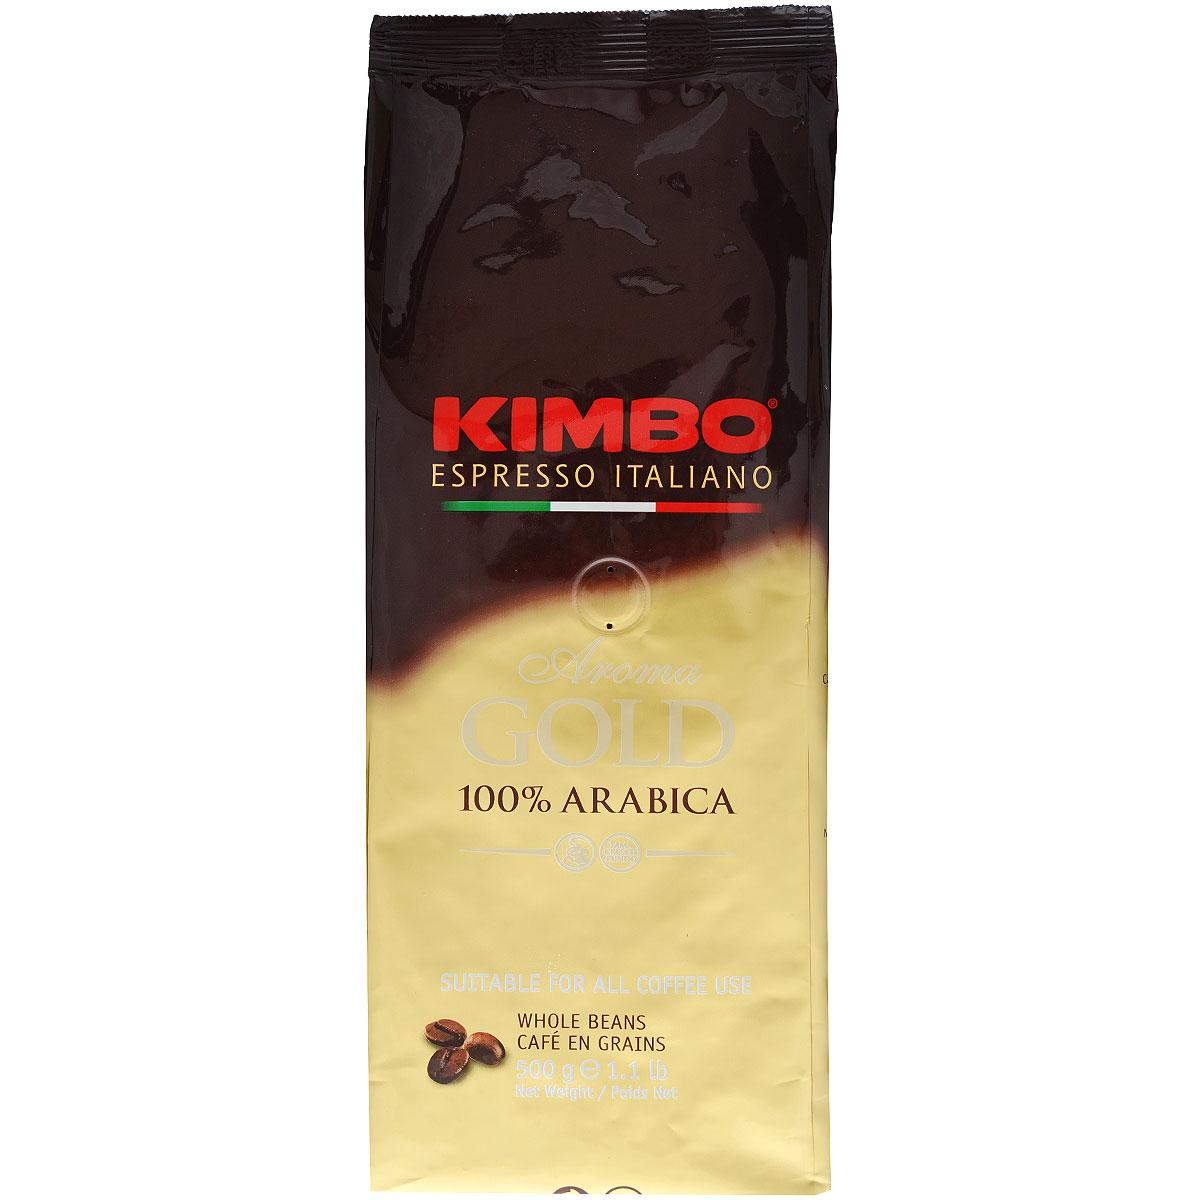 Kimbo Aroma Gold 100% Arabica кофе в зернах, 500 г8002200102159Натуральный жареный кофе в зернах Kimbo Aroma Gold 100% Arabica. Смесь превосходной арабики отличается нежным вкусом, мягкой кислинкой и тонким ароматом. Состав смеси: 100% арабика.